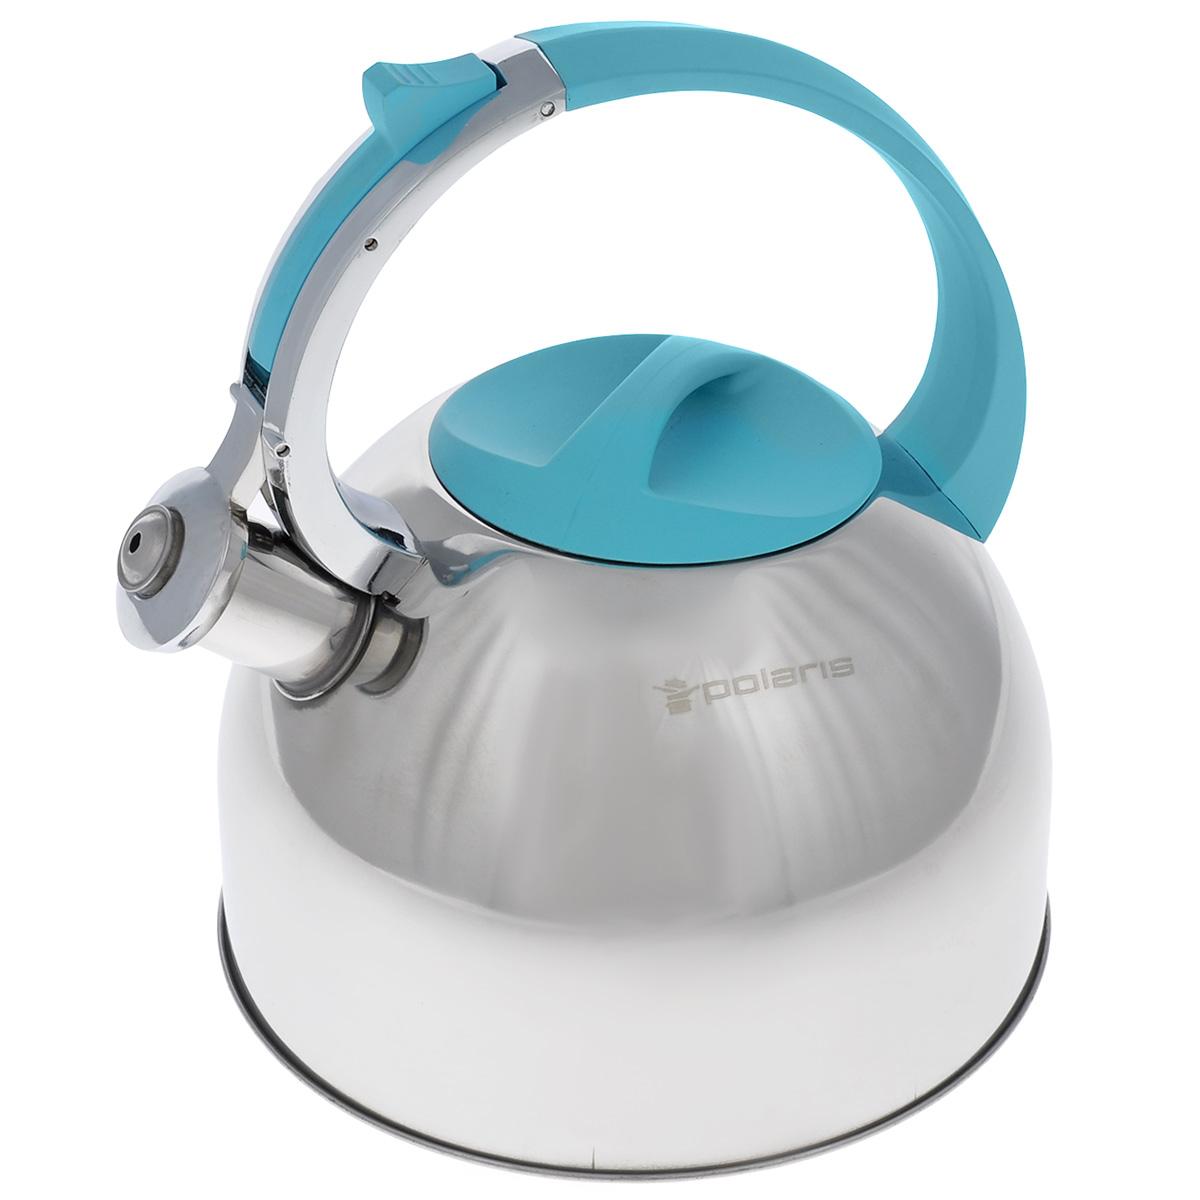 Чайник Polaris Sound со свистком, цвет: стальной, голубой, 3 лSound-3LЧайник Polaris Sound изготовлен из высококачественной нержавеющей стали 18/10. Съемная крышка позволяет легко наполнить чайник водой и обеспечить доступ для мытья. Чайник оповещает о вскипании мелодичным свистом. Клапан на носике открывается нажатием кнопки на ручке. Эргономичная ручка выполнена из бакелита с покрытием Soft touch, не нагревается и не скользит в руке. Зеркальная полировка придает посуде эстетичный вид. Подходит для всех типов плит, в том числе для индукционных. Высота стенок чайника: 14 см. Высота чайника (с учетом ручки): 24,5 см.